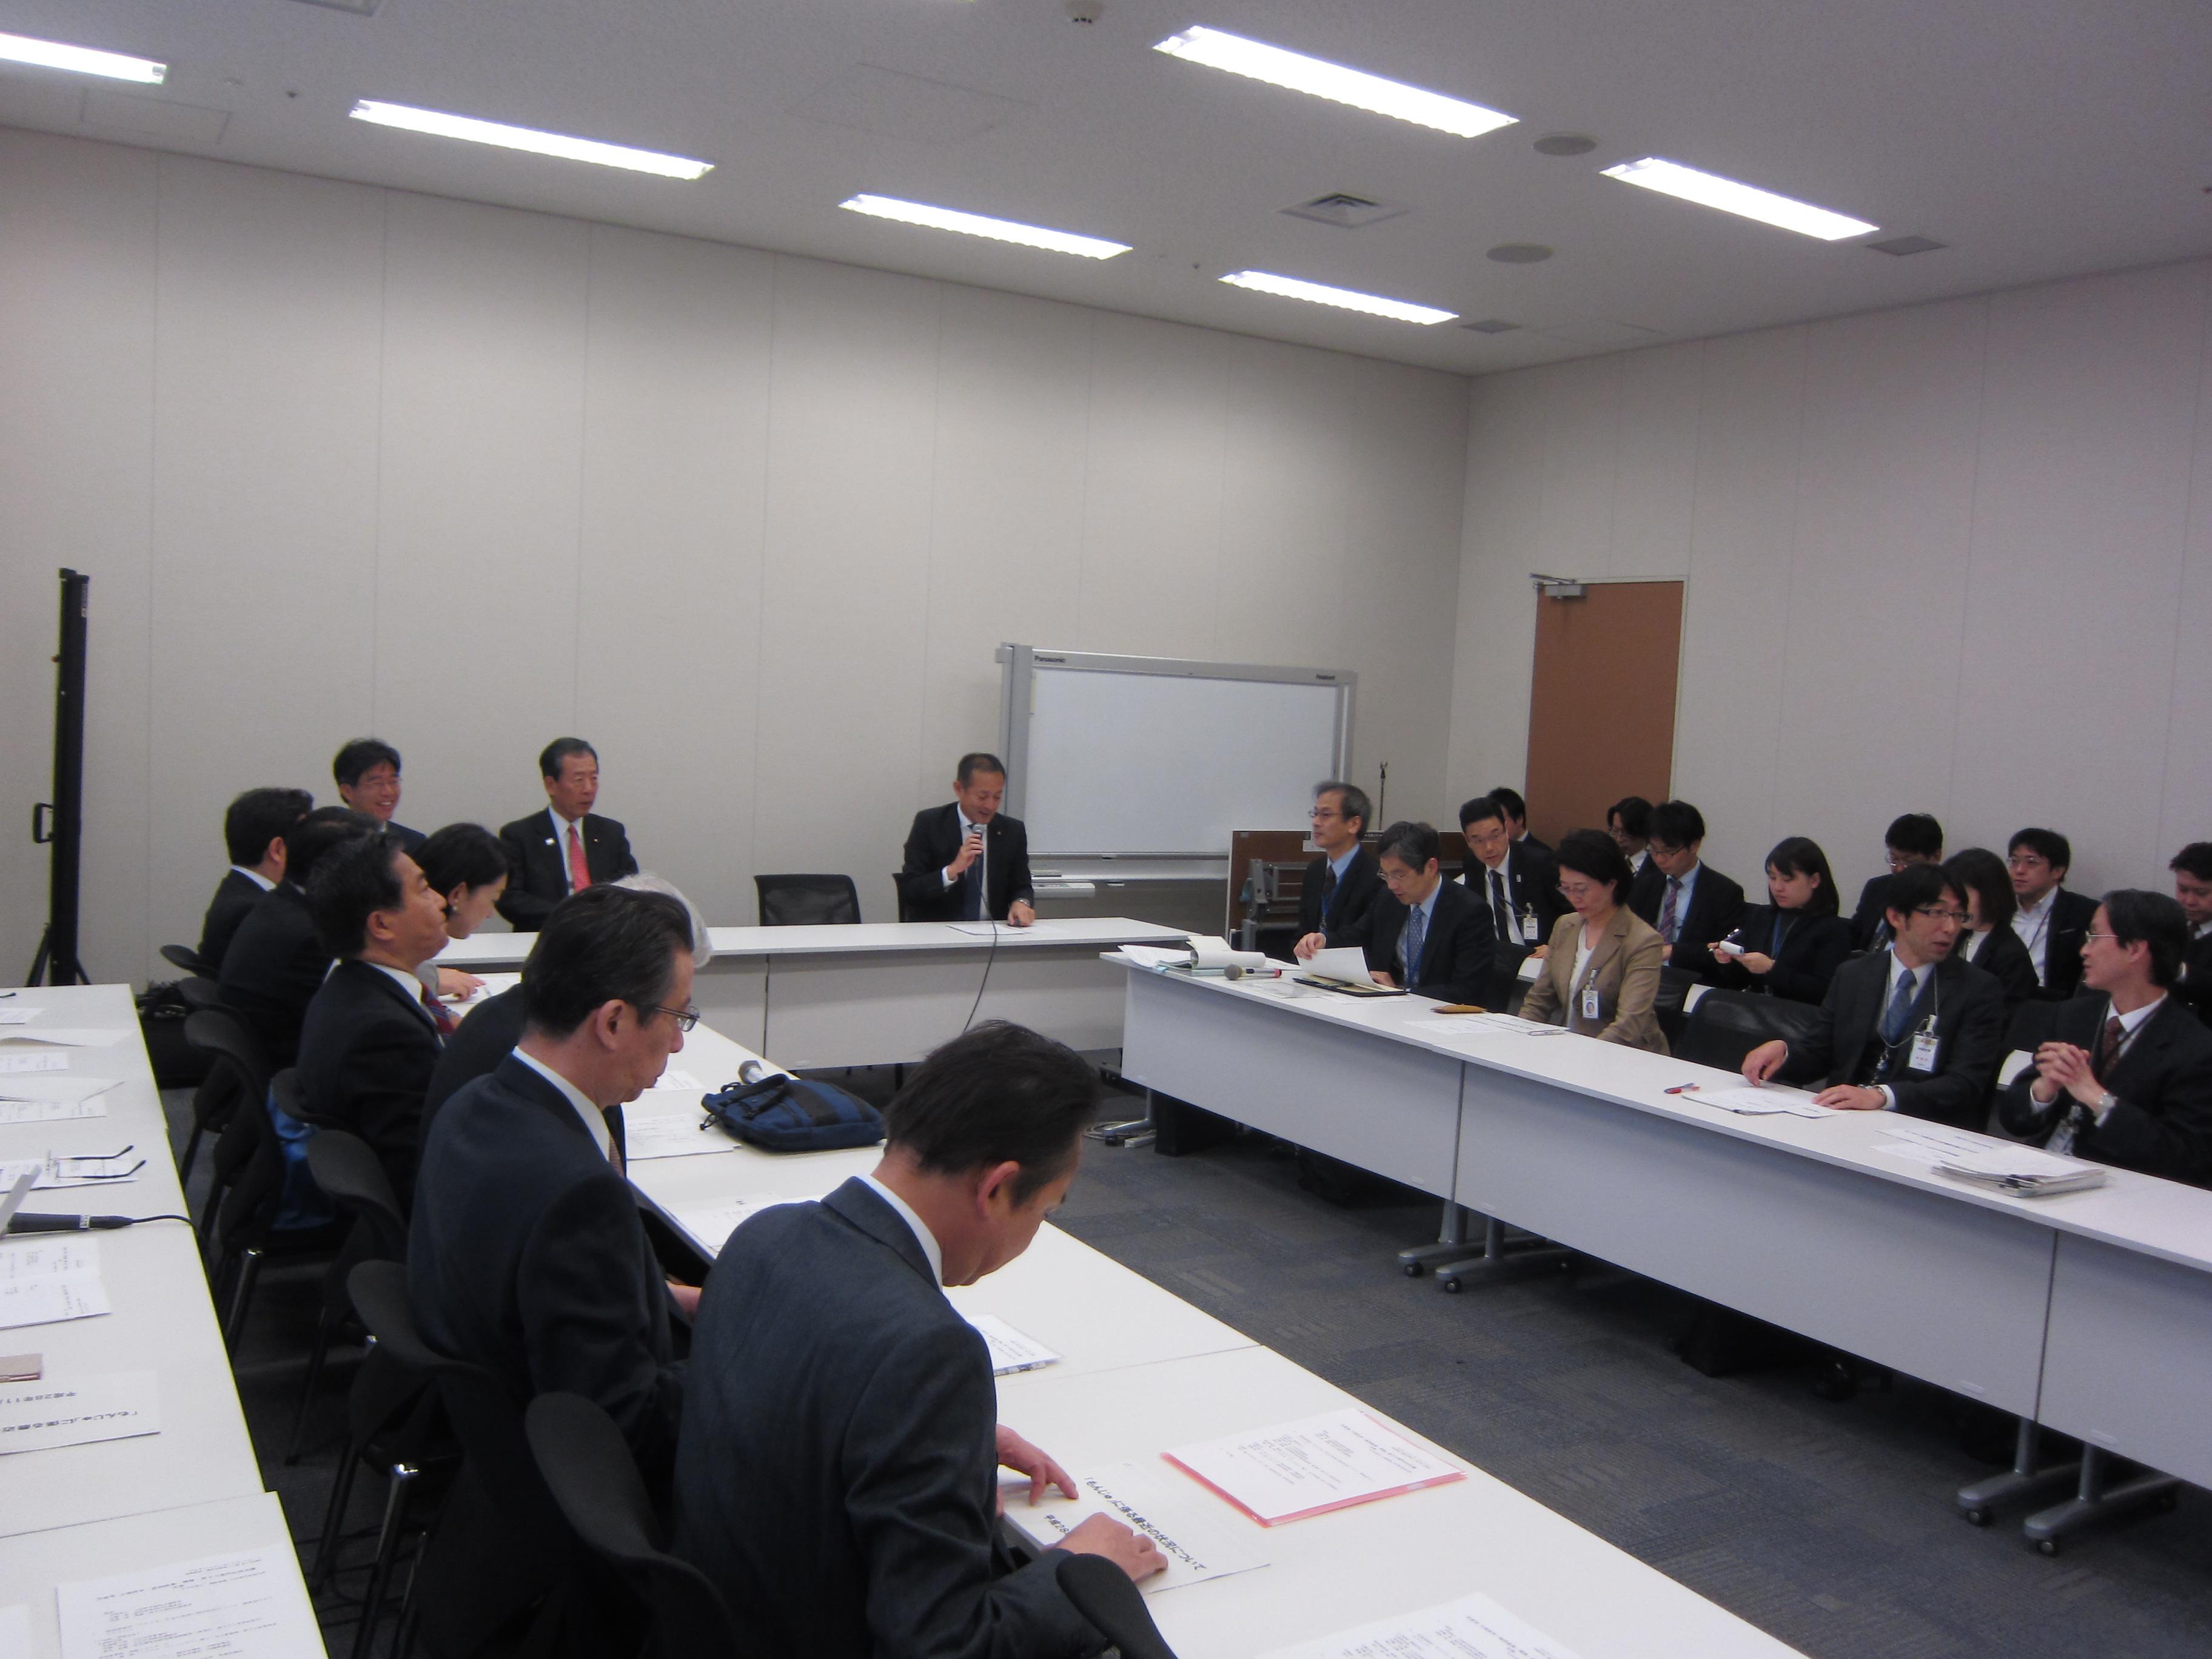 文部科学・経済産業・環境・原子力部門合同会議・文部科学部門会議